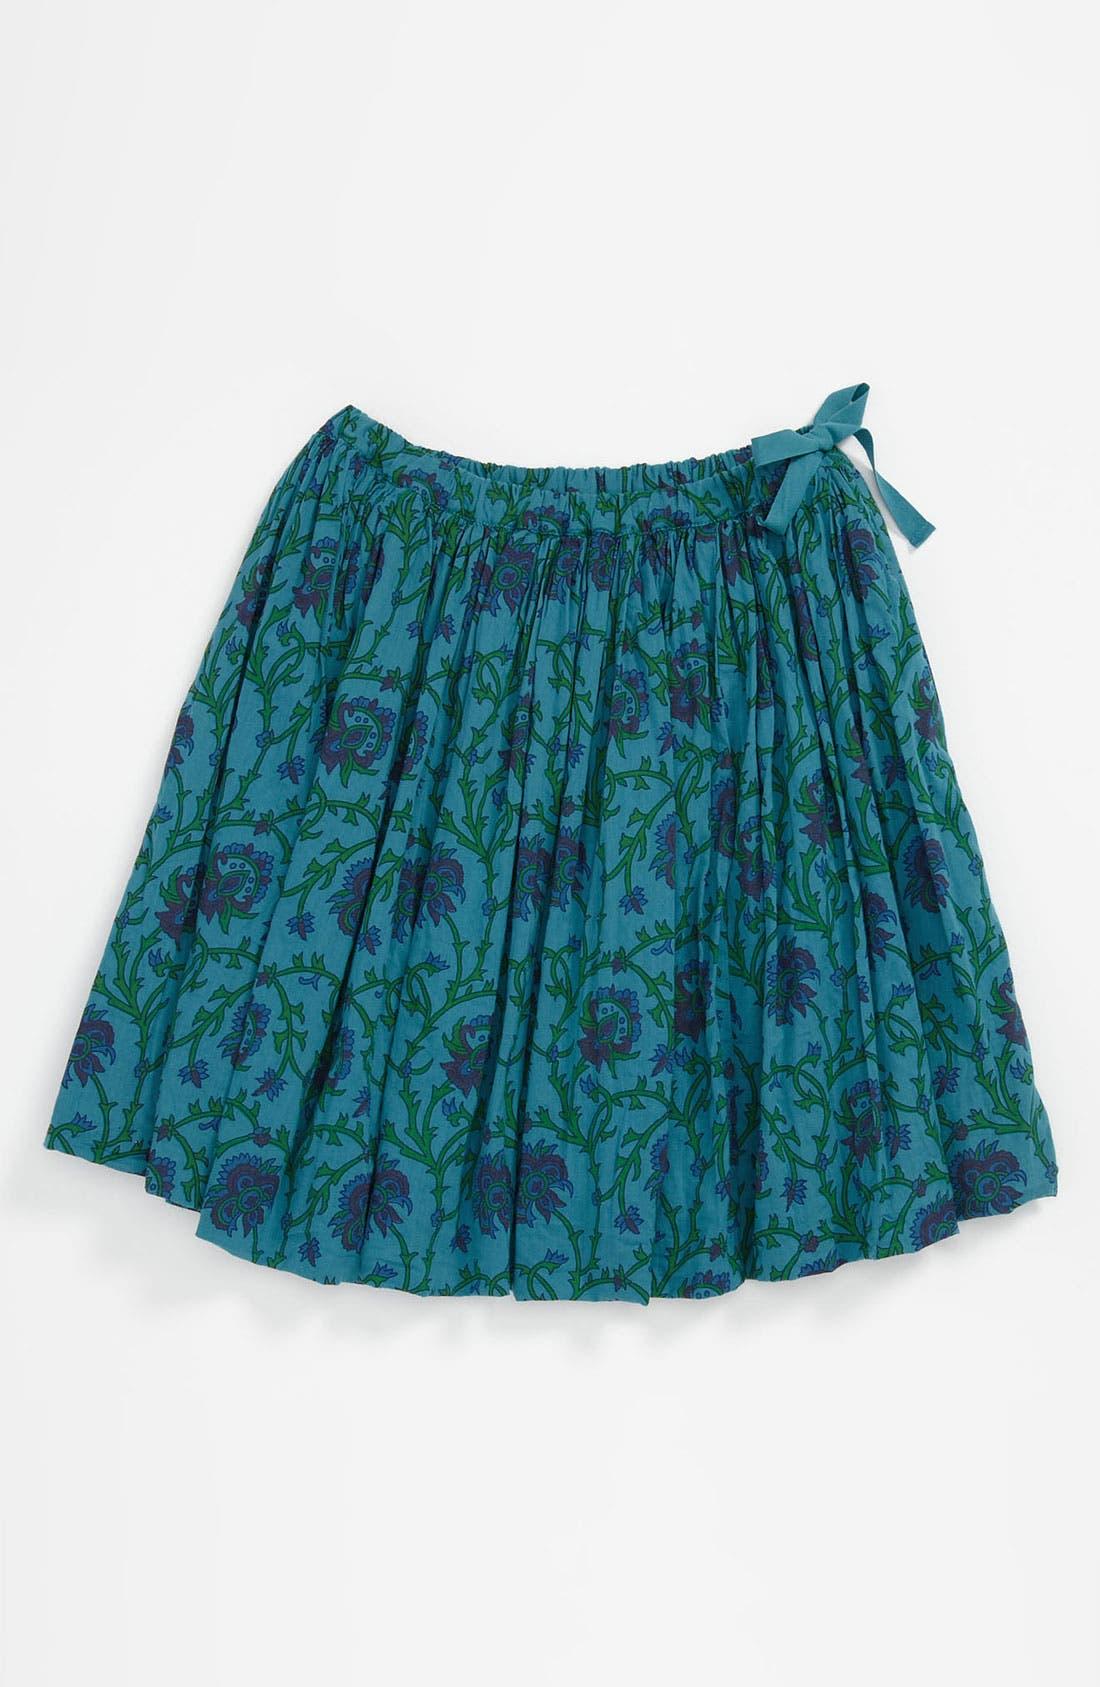 Alternate Image 1 Selected - Peek 'Eve' Skirt (Toddler, Little Girls & Big Girls)